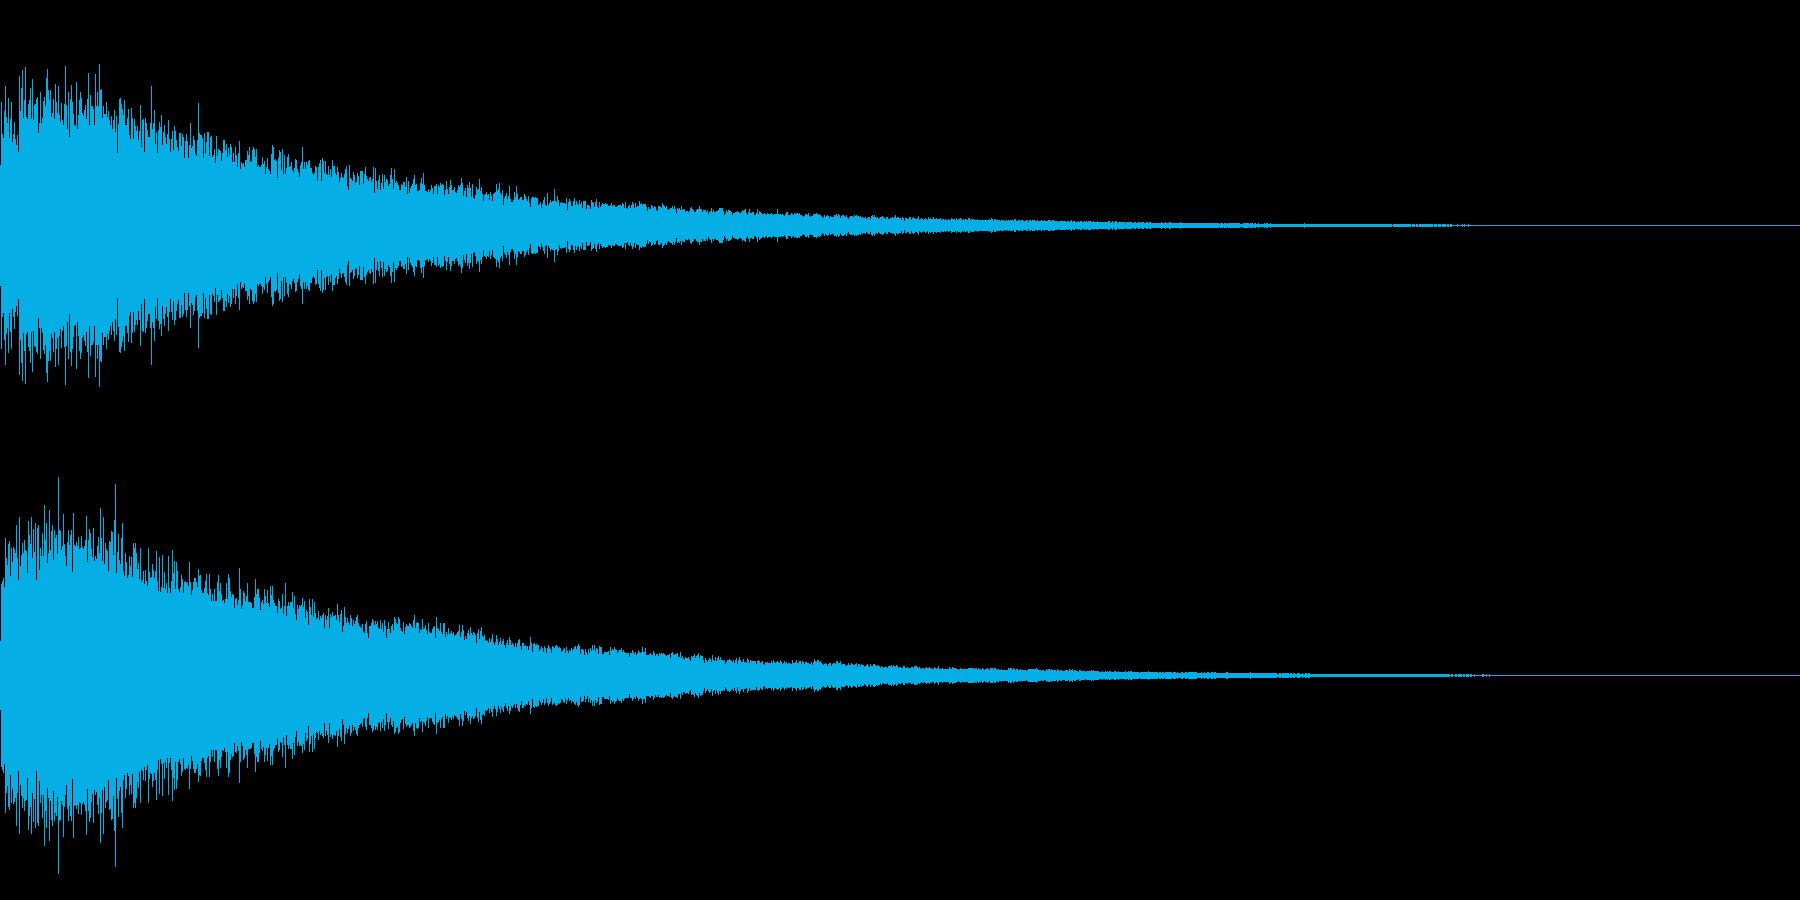 【チャイナシンバル ゴング】中国演出!5の再生済みの波形